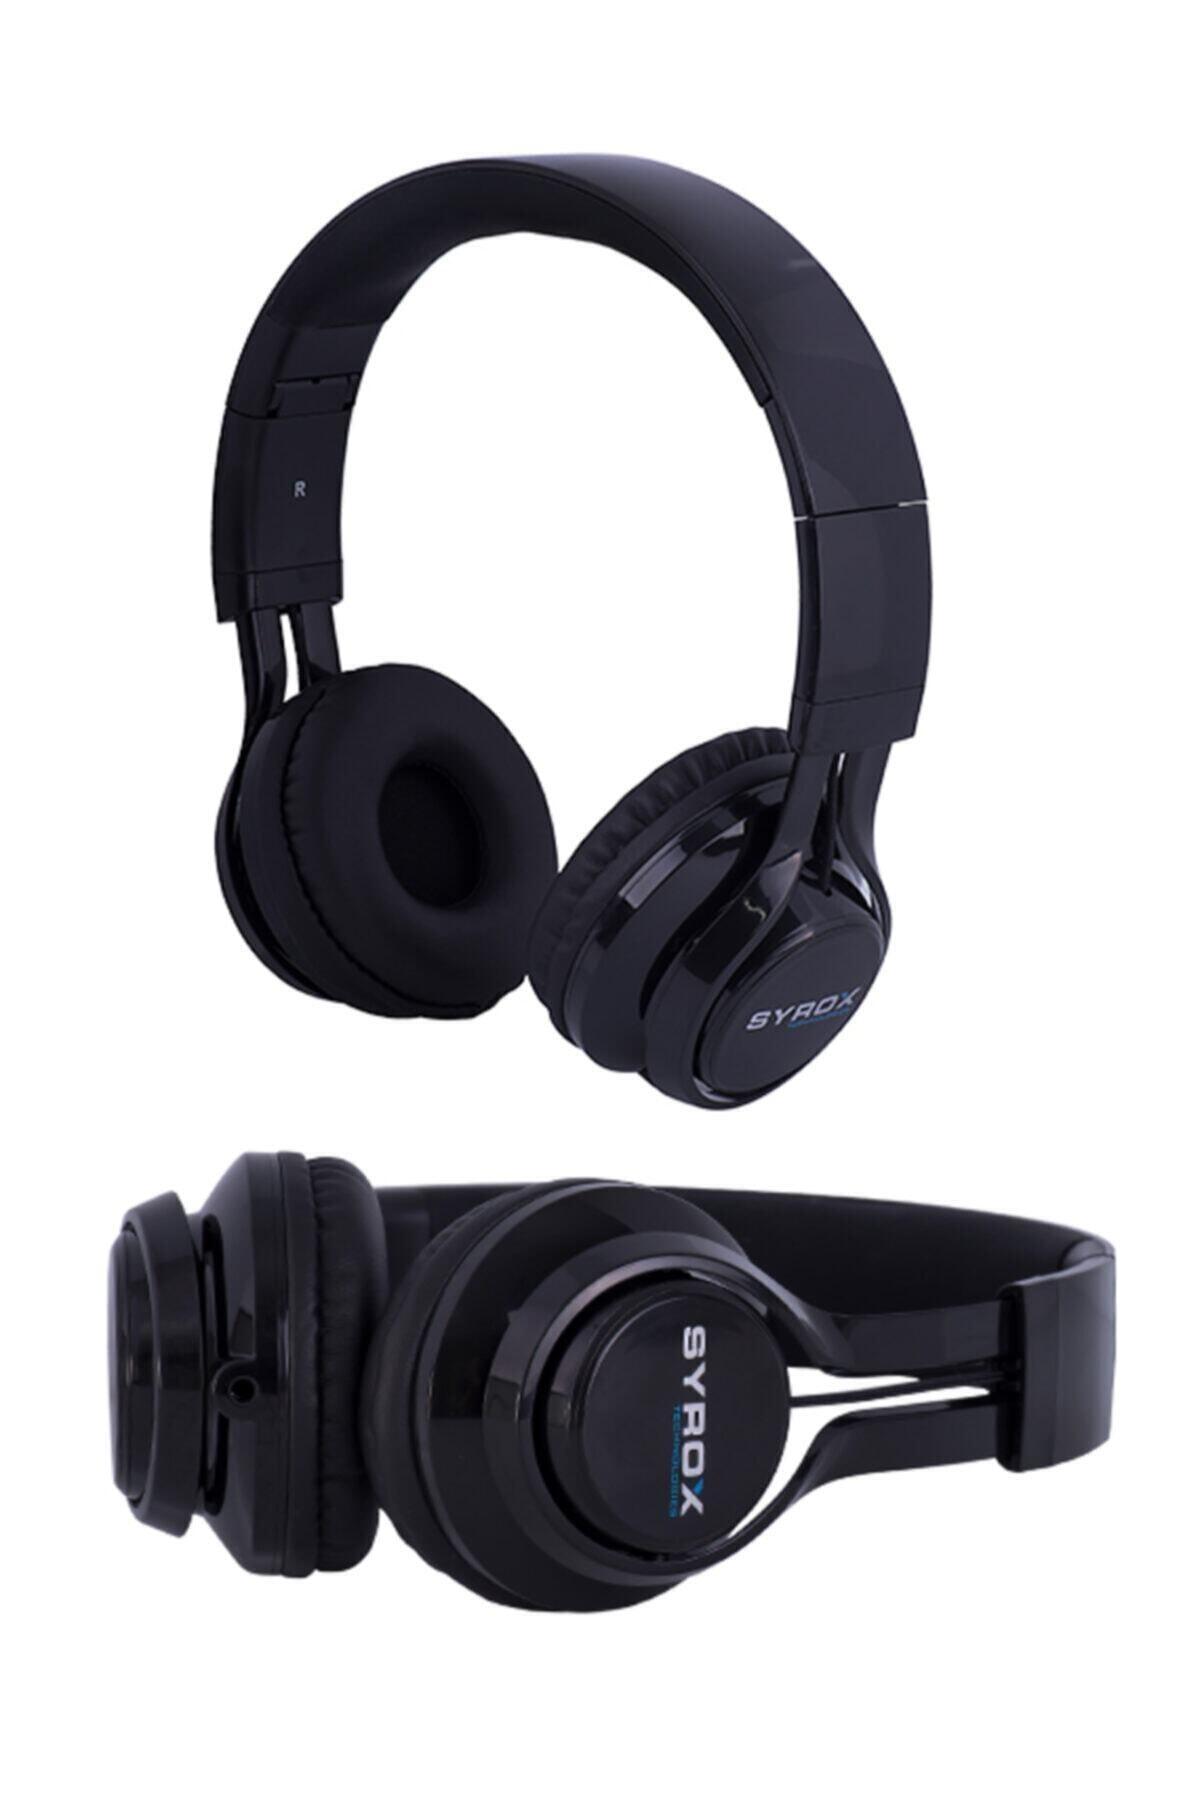 Çocuk Kablolu Mikrofonlu Kulaküstü Kulaklık Kafa Bantlı Süper Bass